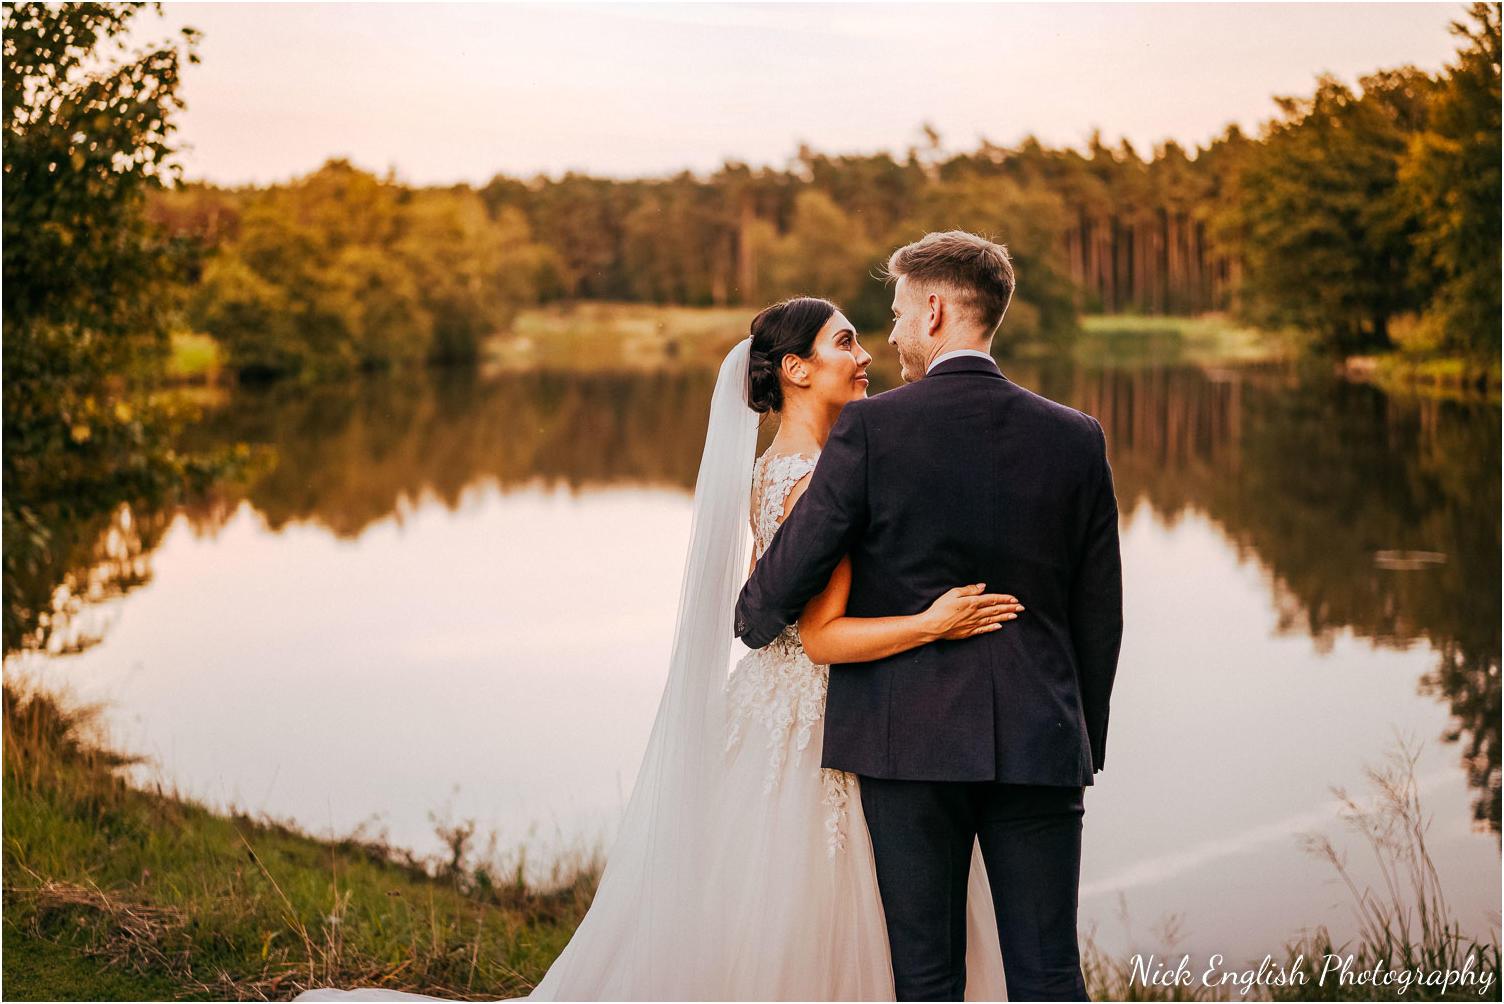 Browsholme_Hall_Barn_Wedding_Nick_English_Photography-177.jpg